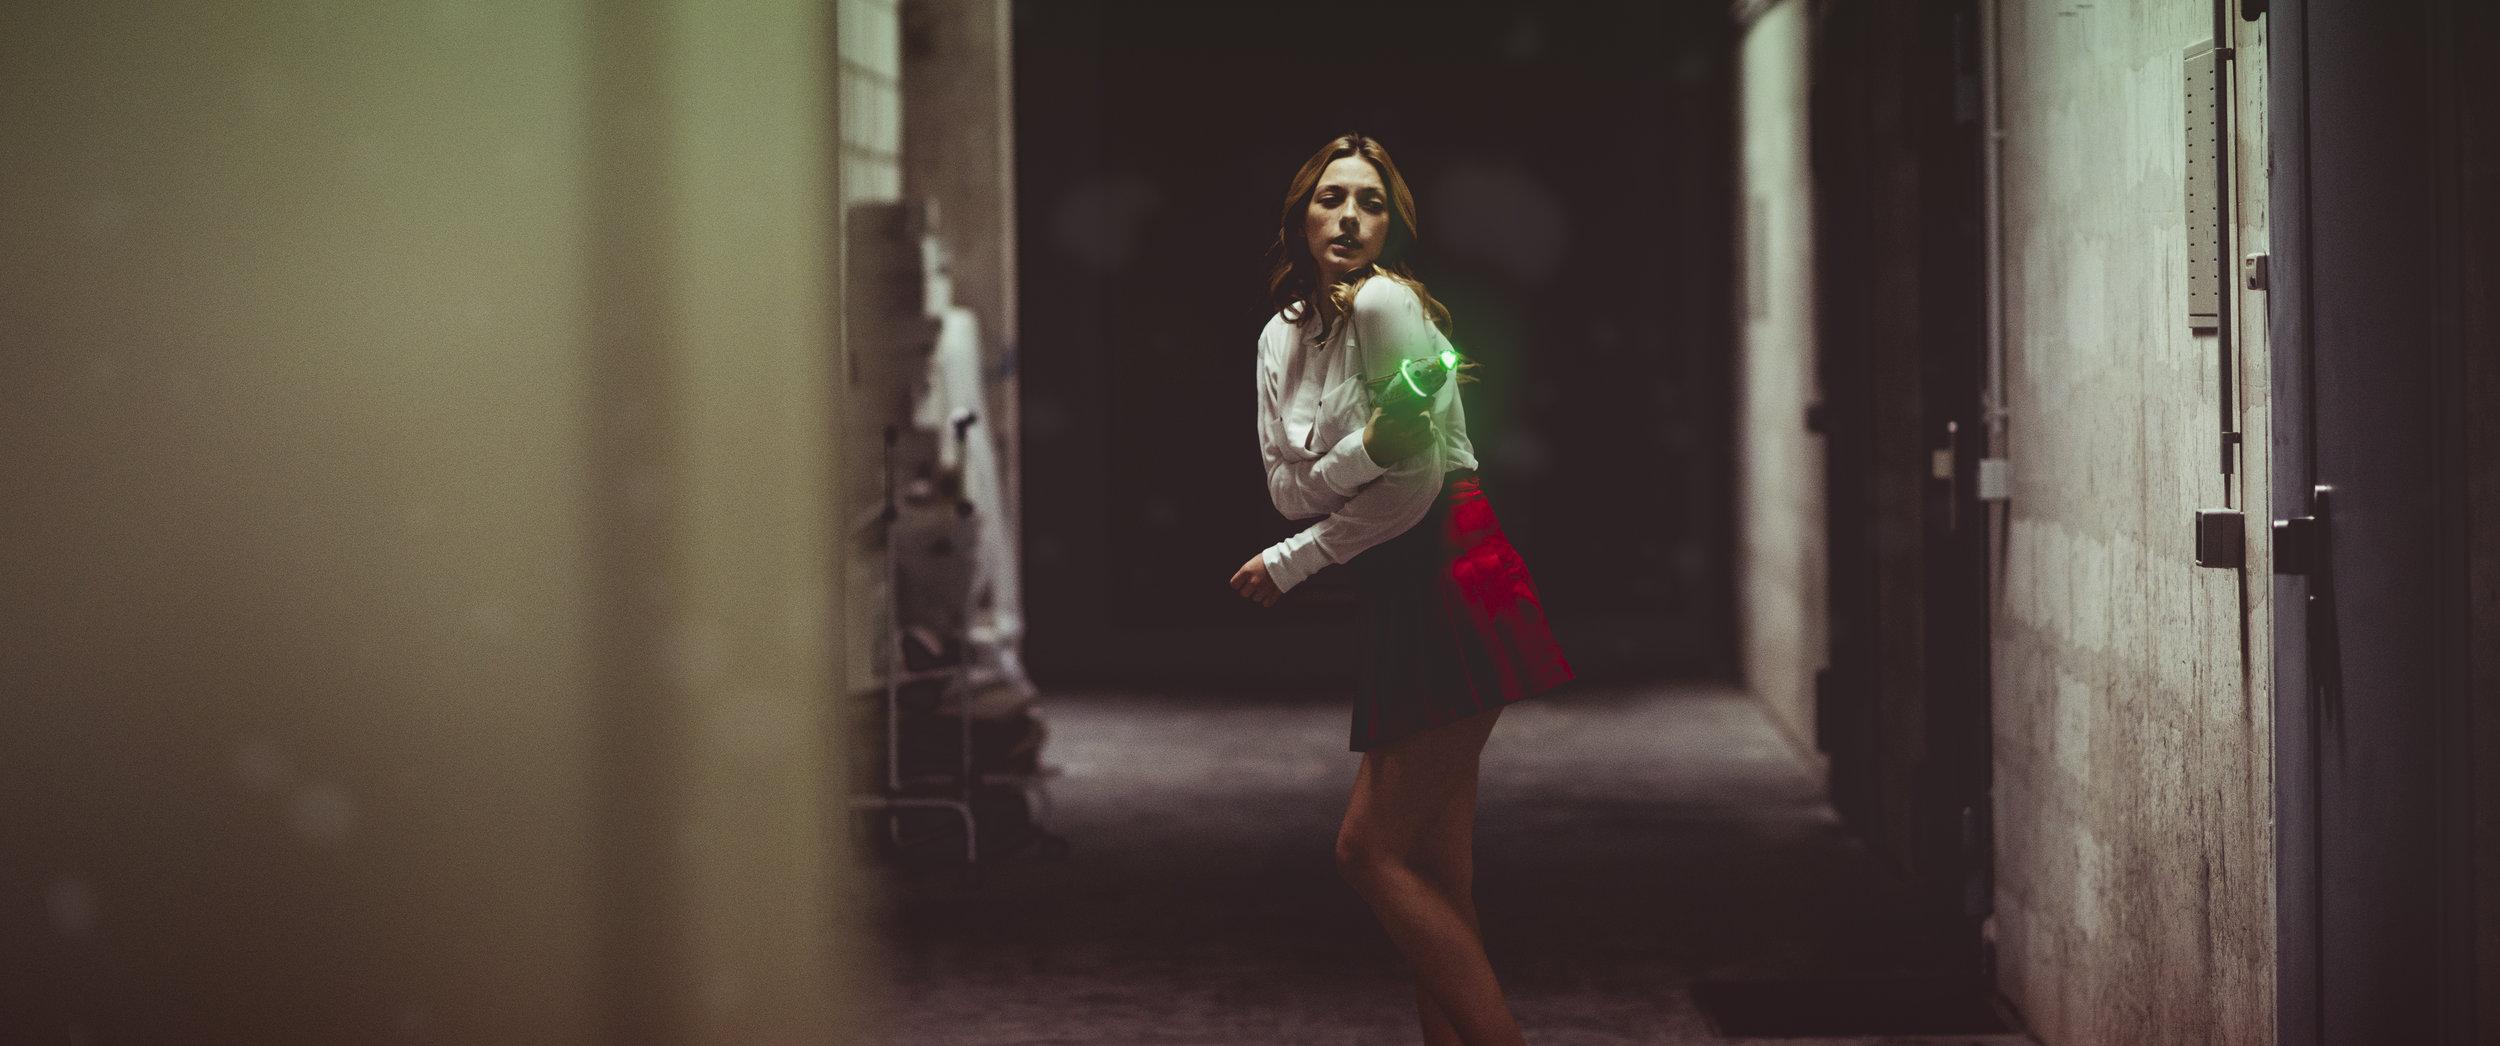 Olga_SciFi-13